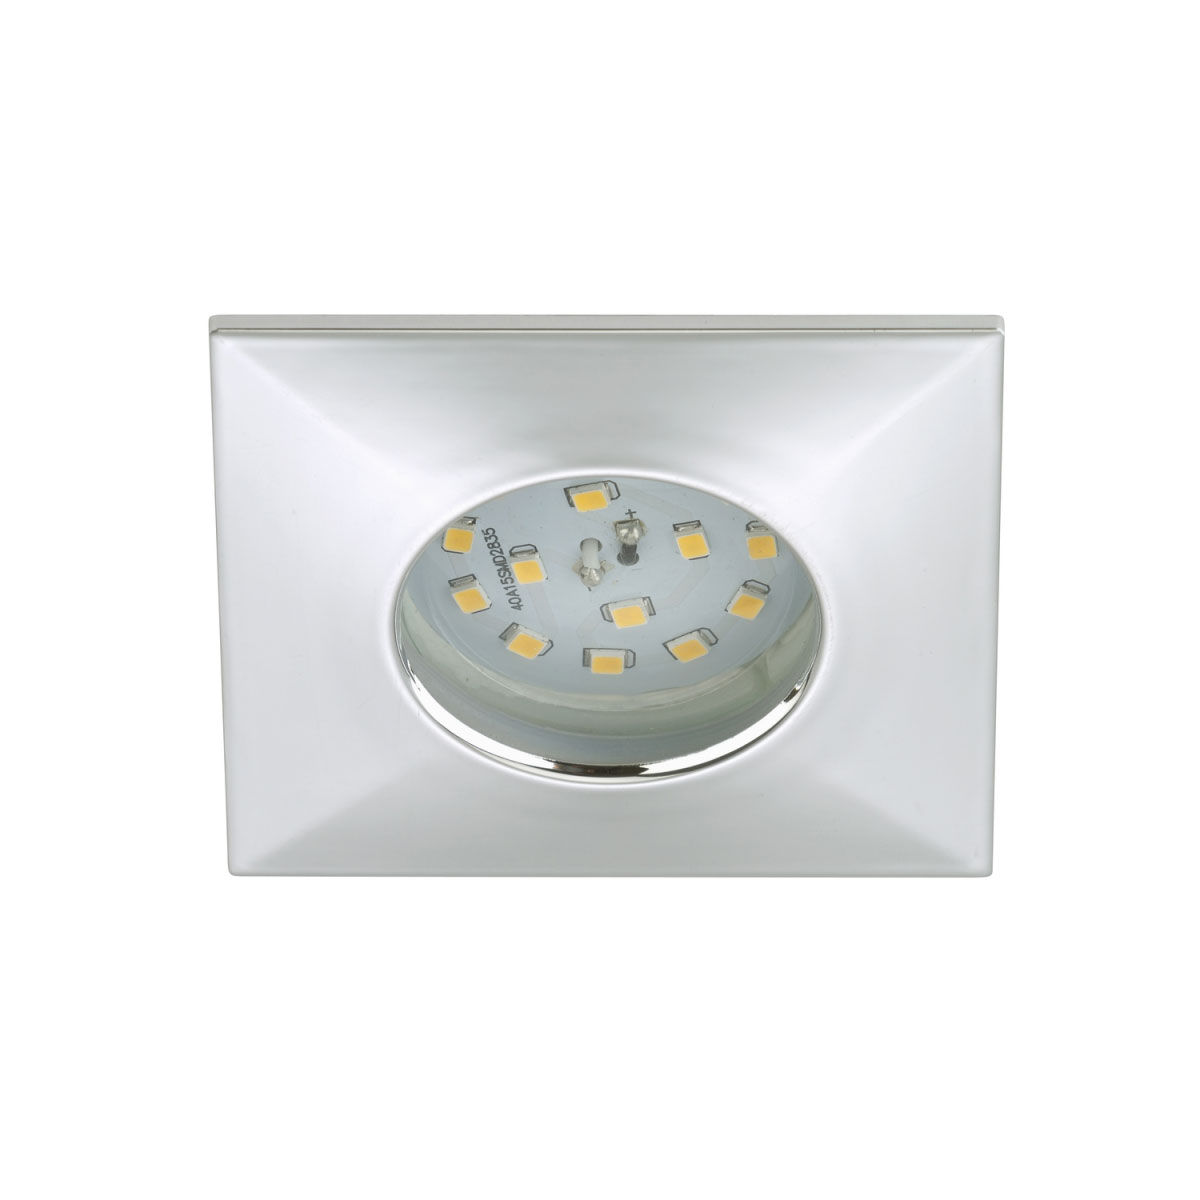 Deckenleuchten - LED Einbauleuchte, chrom, 5W, 1xLED  - Onlineshop Hellweg